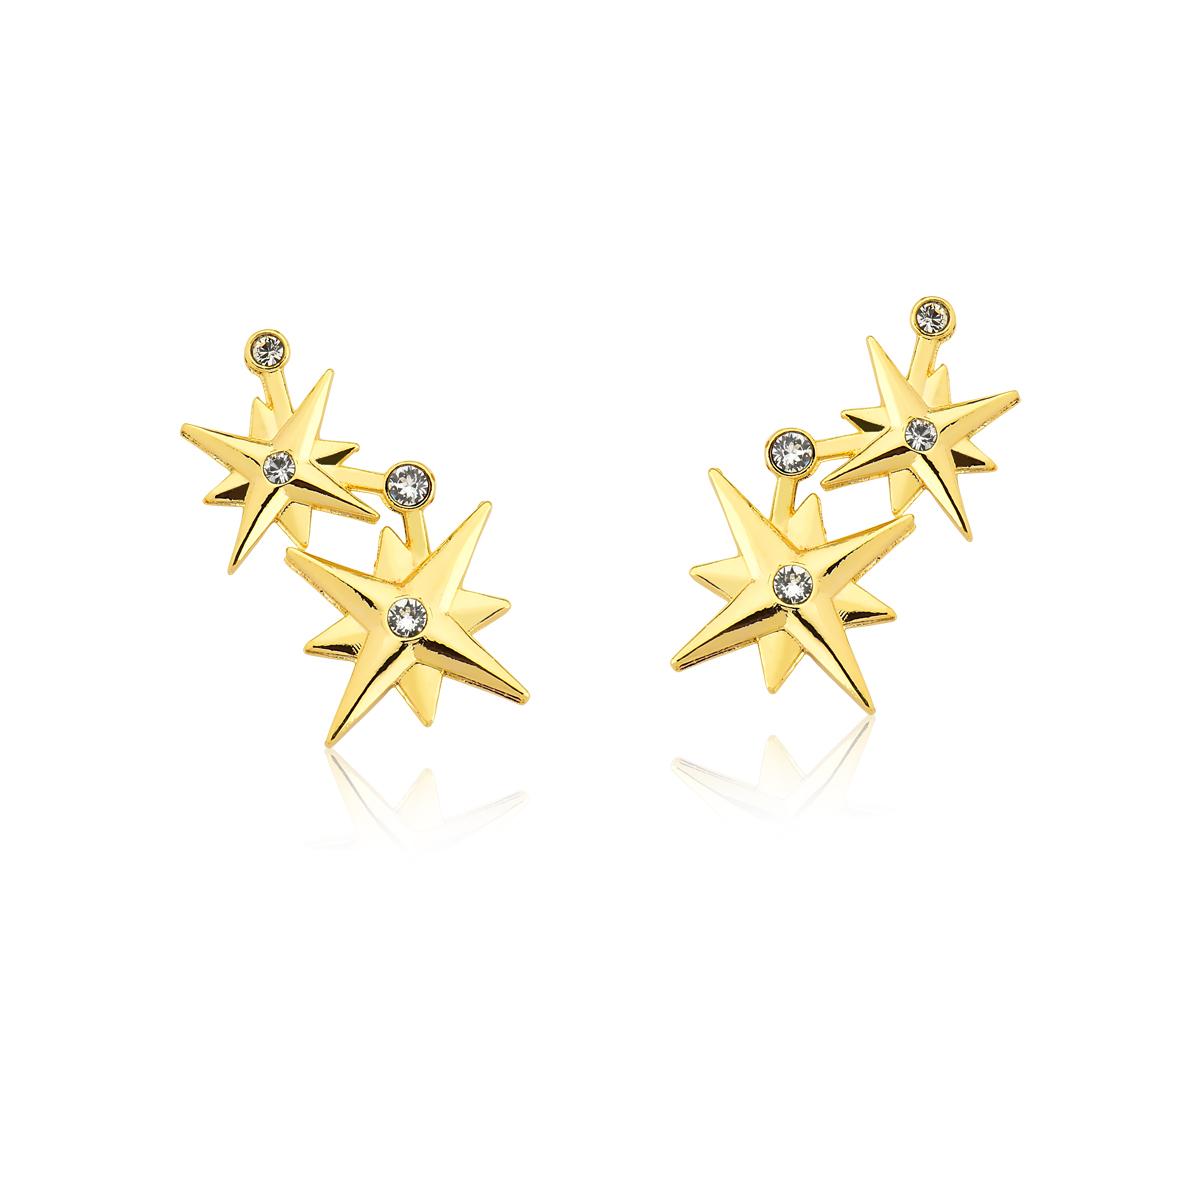 Brinco Stars Crystals, Mulher Maravilha, Revestida em Ouro